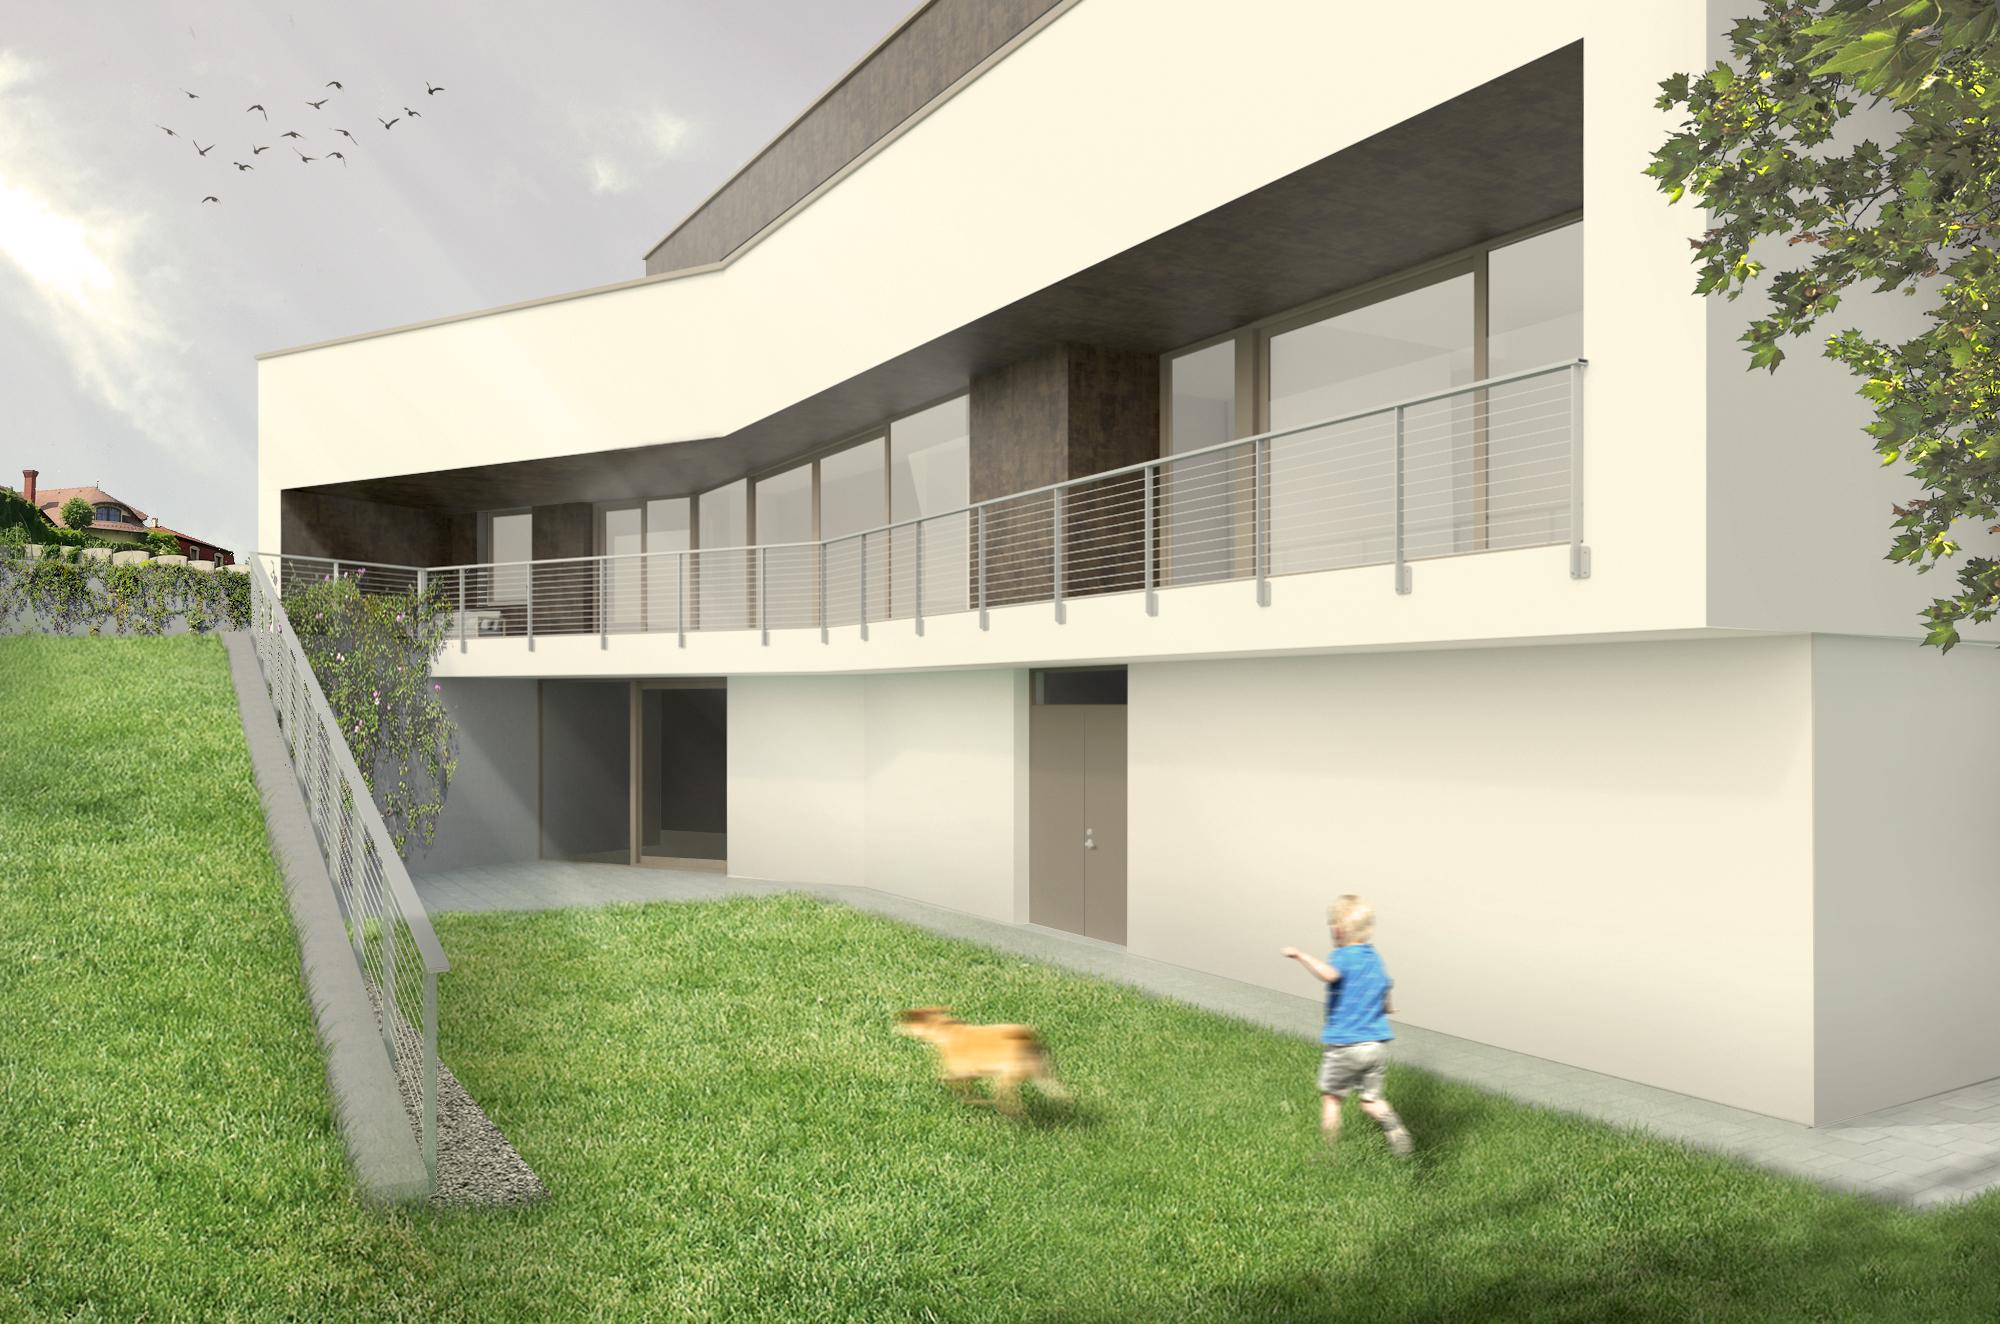 projekty rodinných domov na svahovité pozemky